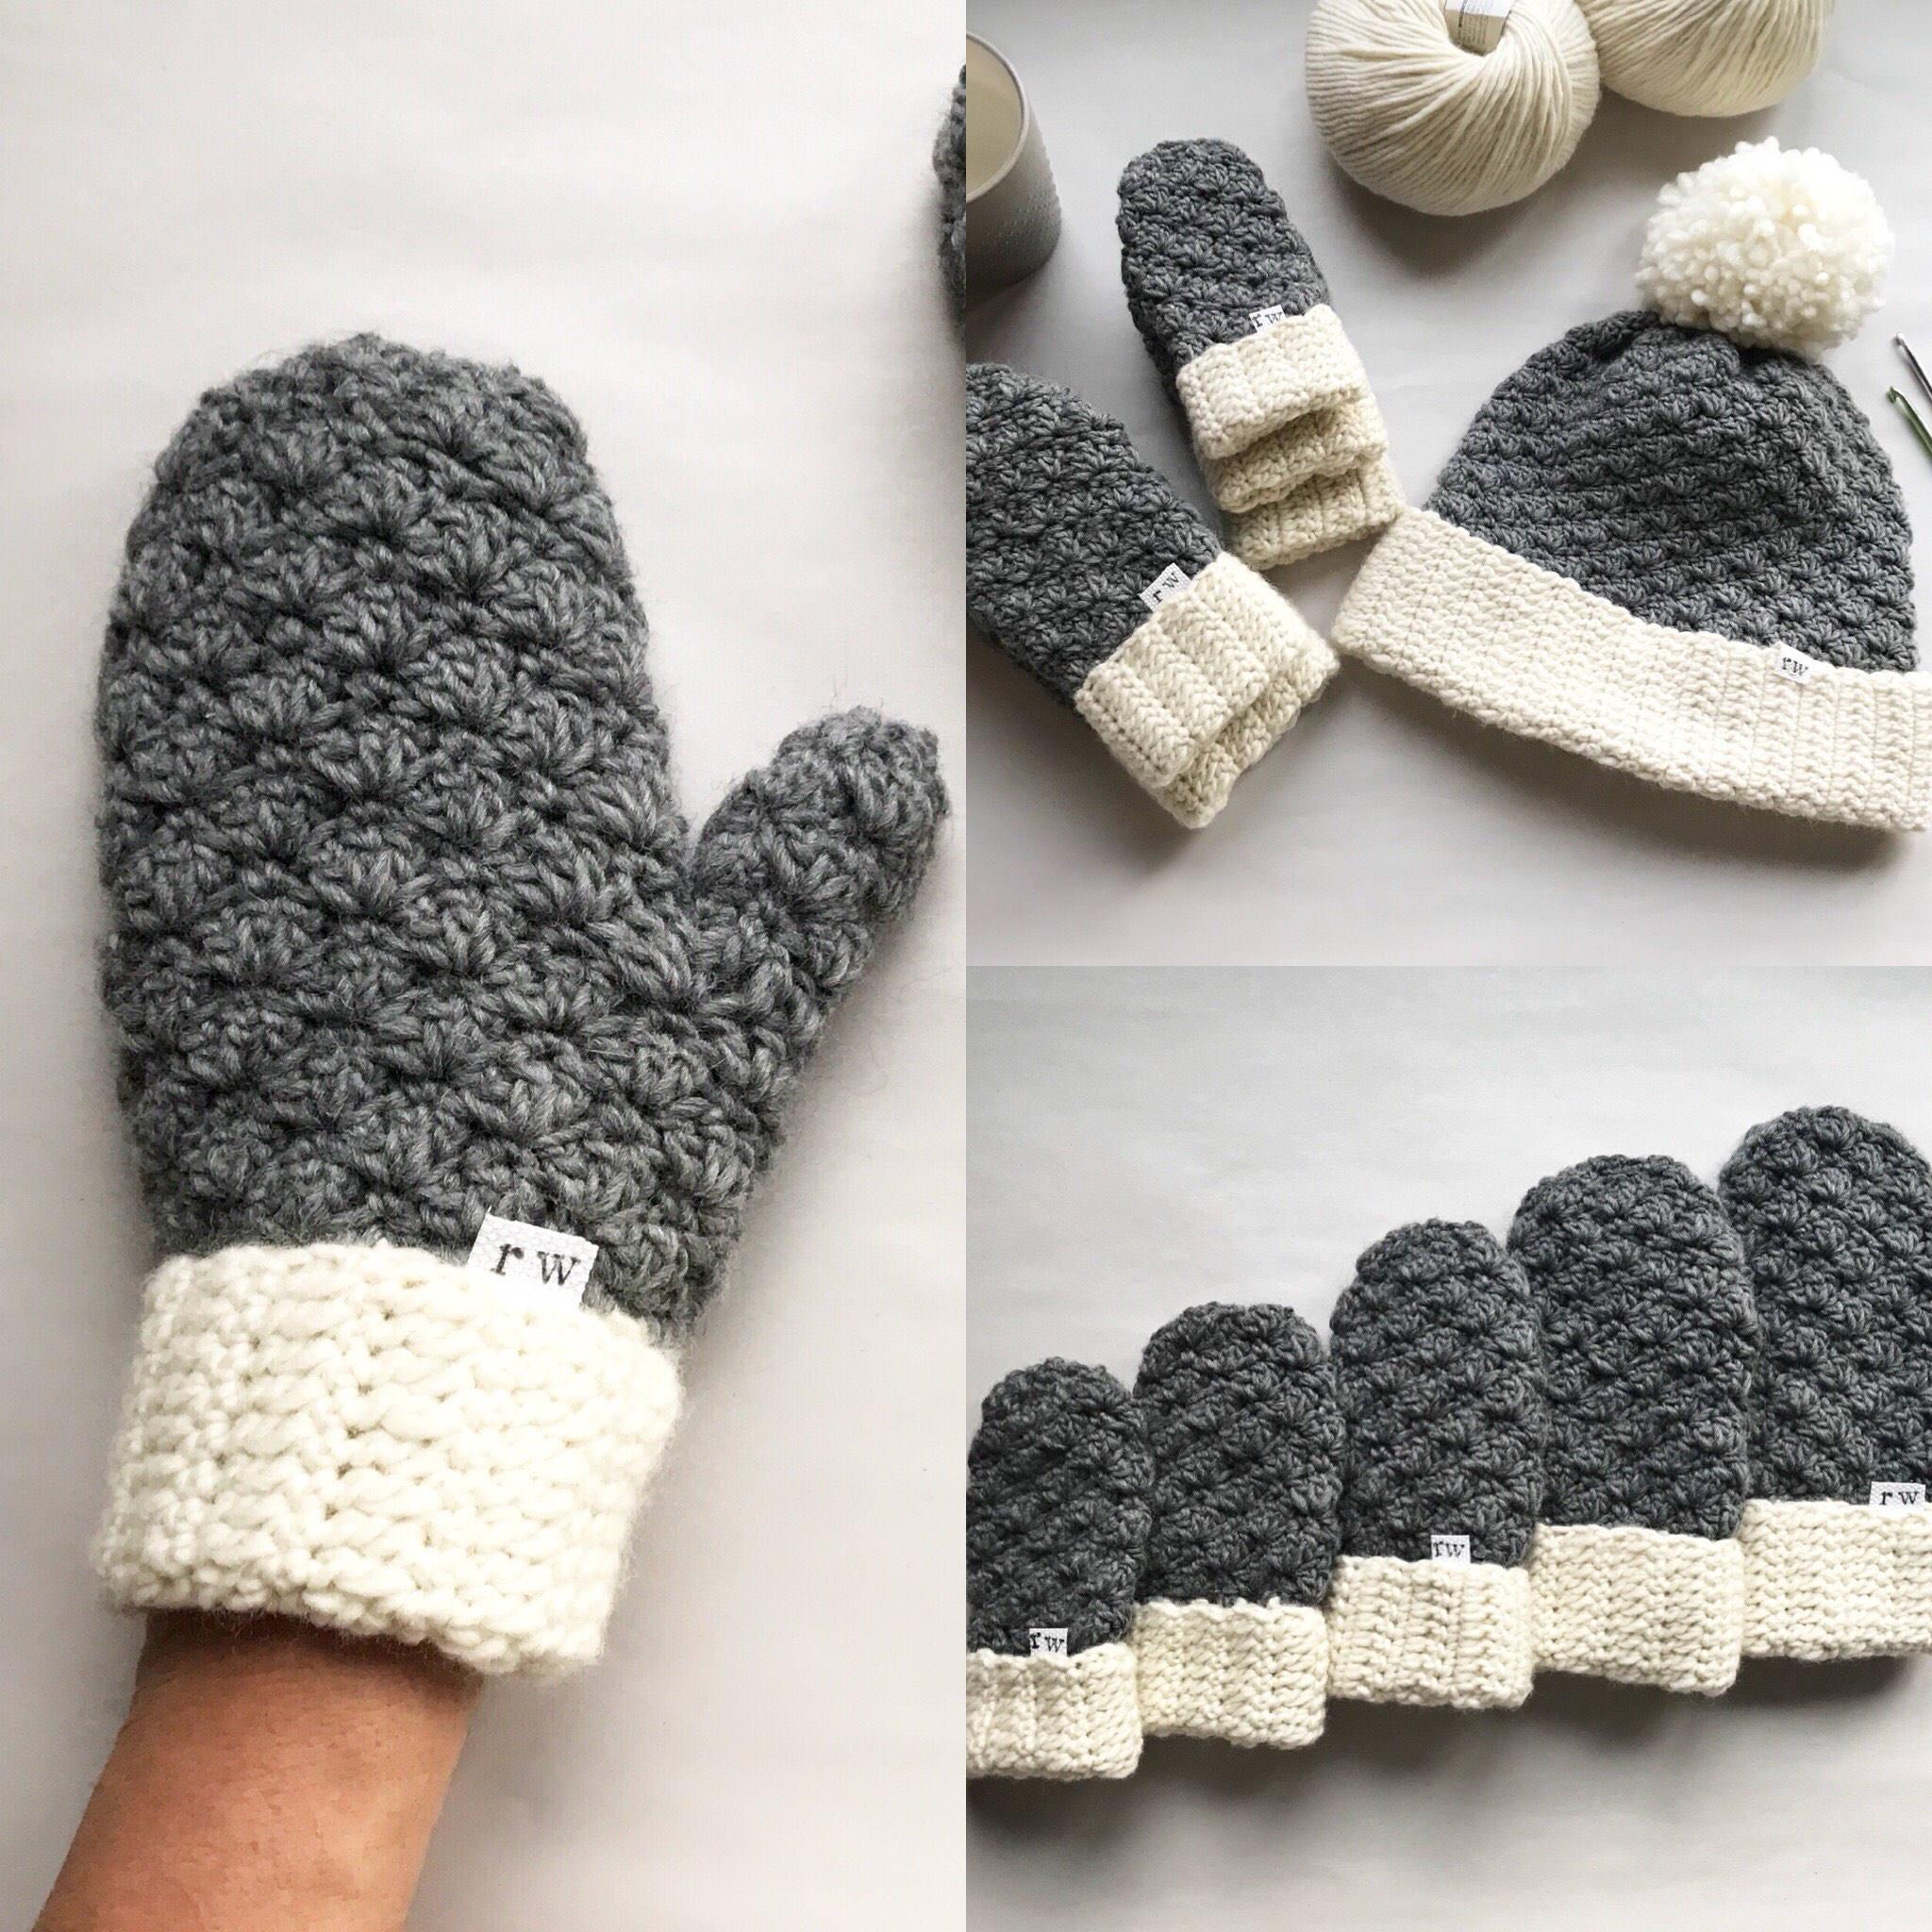 Häkeln Sie Muster die Jesse Handschuhe häkeln Handschuhe